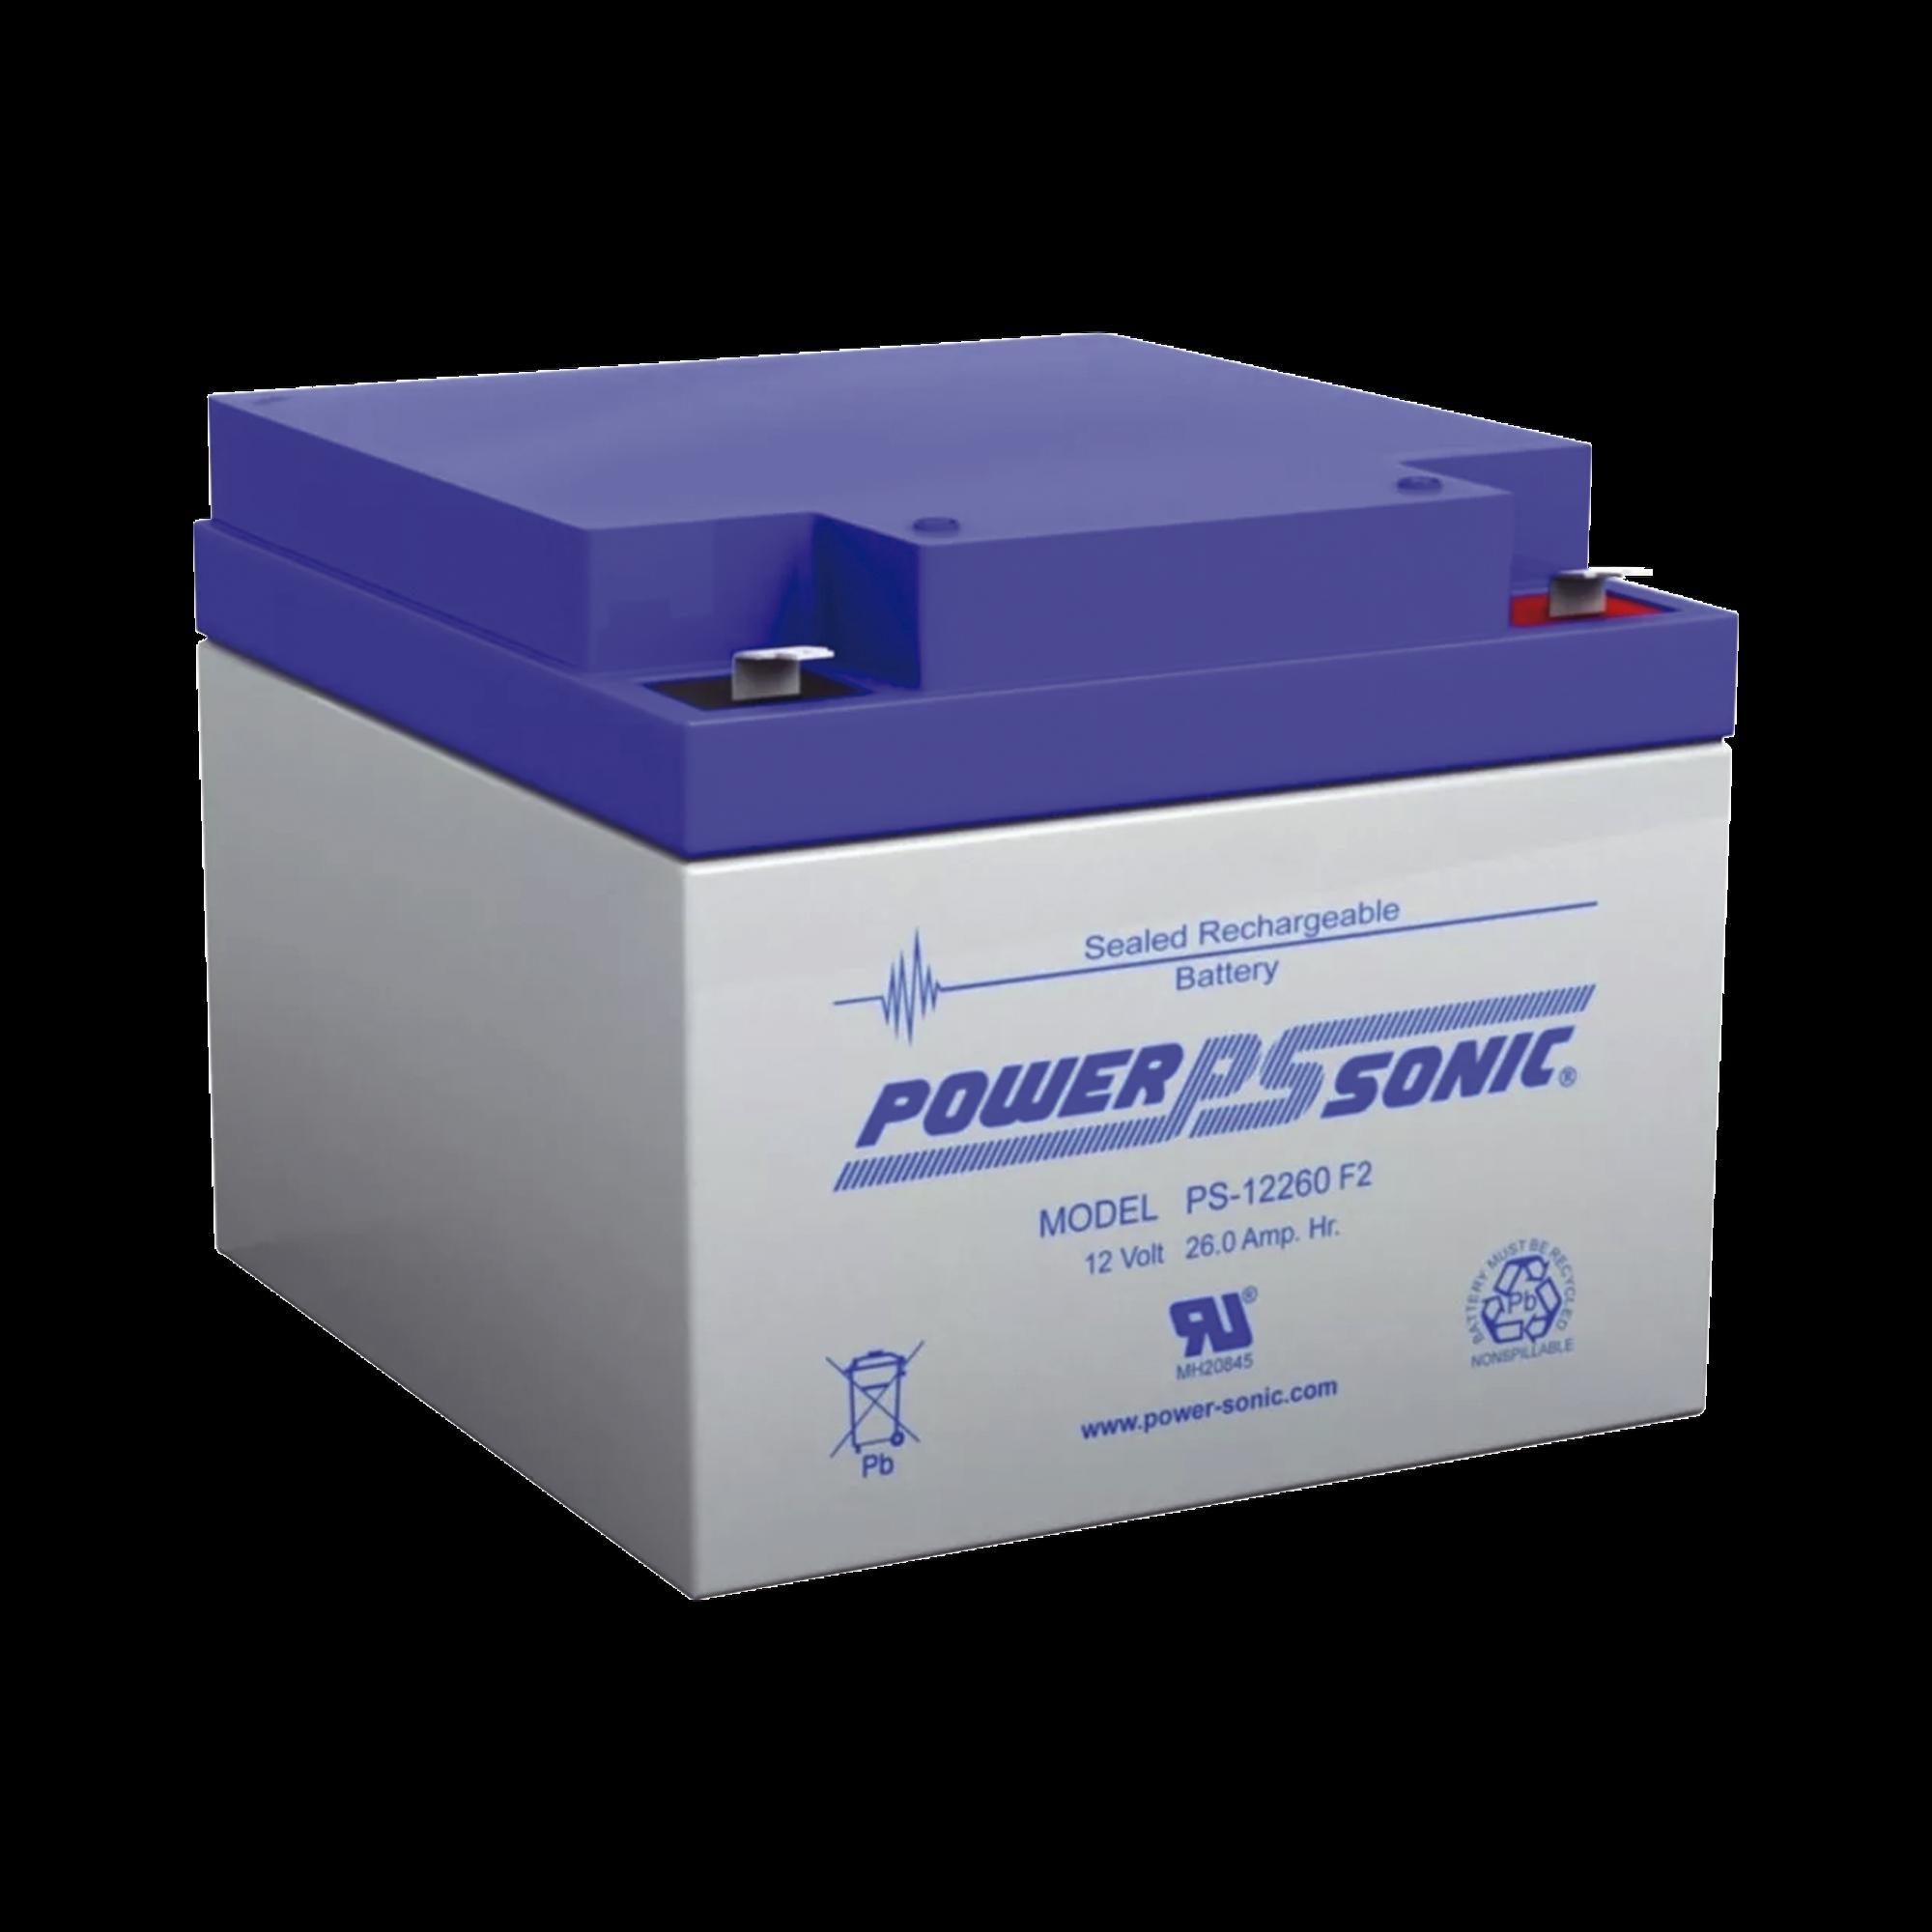 Batería de Respaldo UL de 12V 26AH, Ideal para Sistemas de Detección de Incendio, Control de Acceso, Intrusión y Videovigilancia